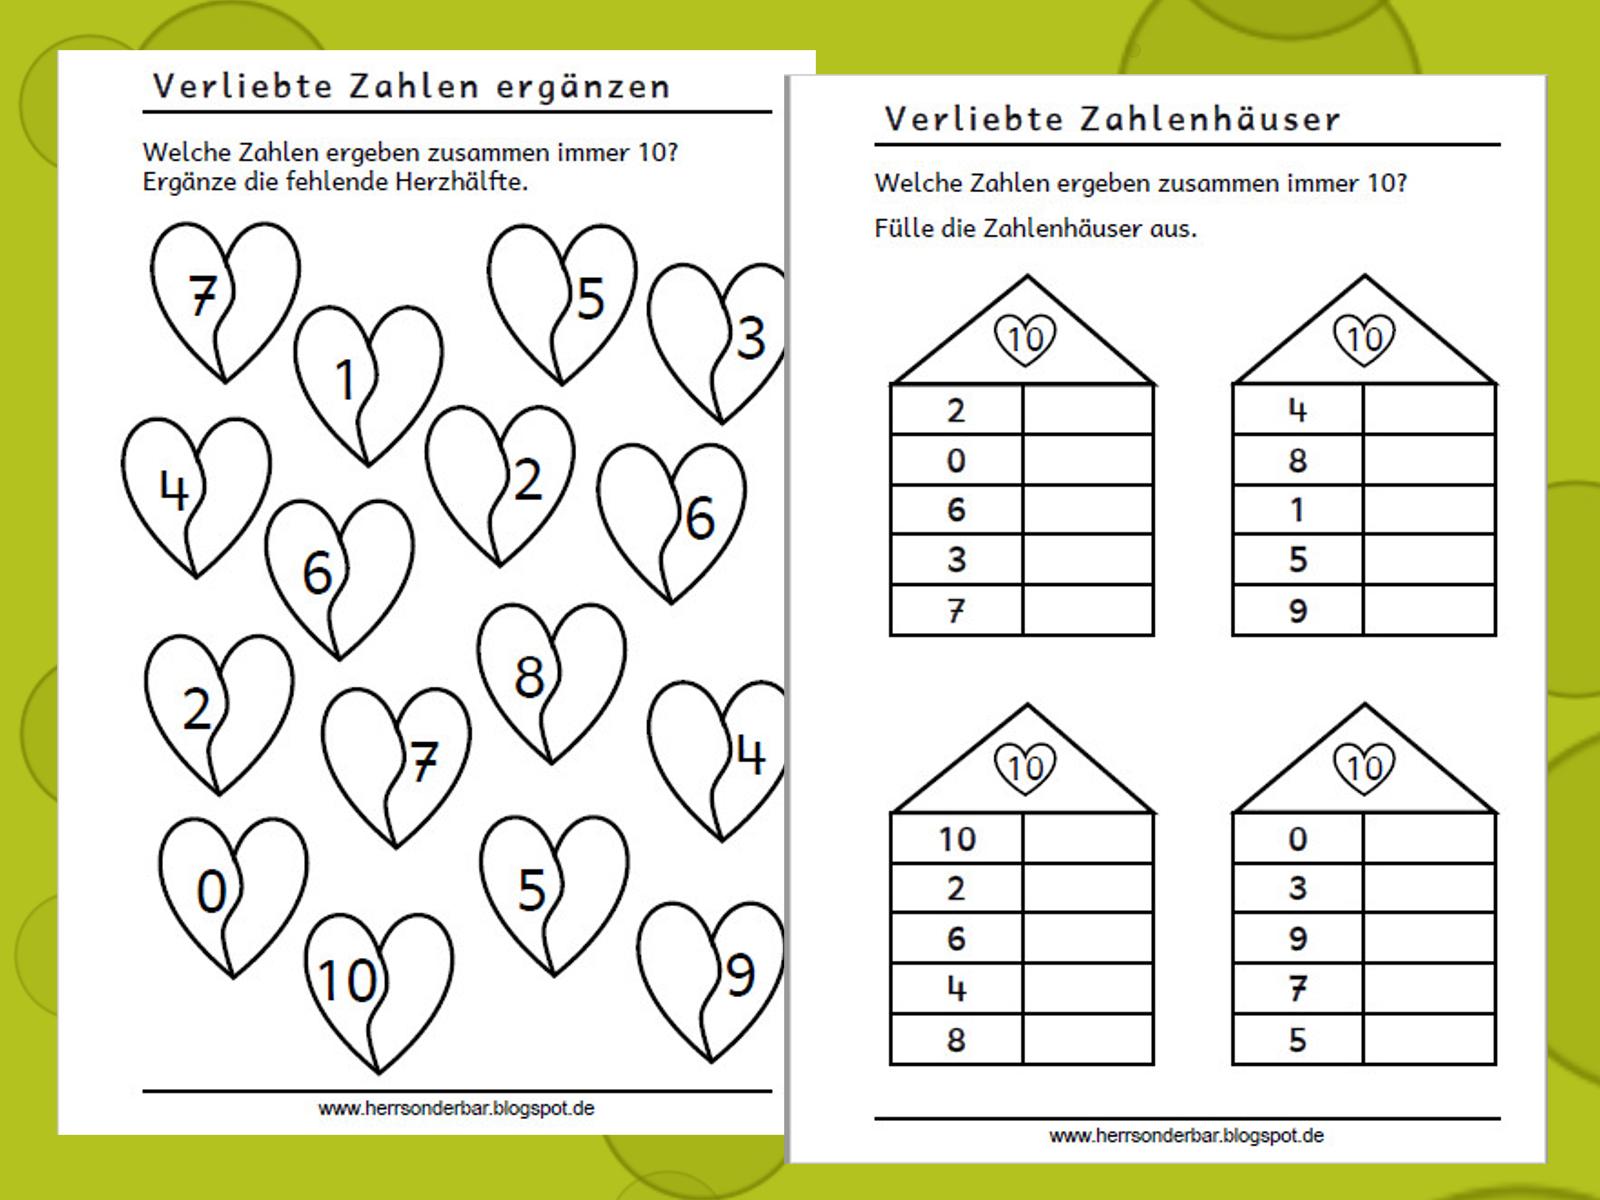 Herr Sonderbar Verliebte Zahlen Übungsheft